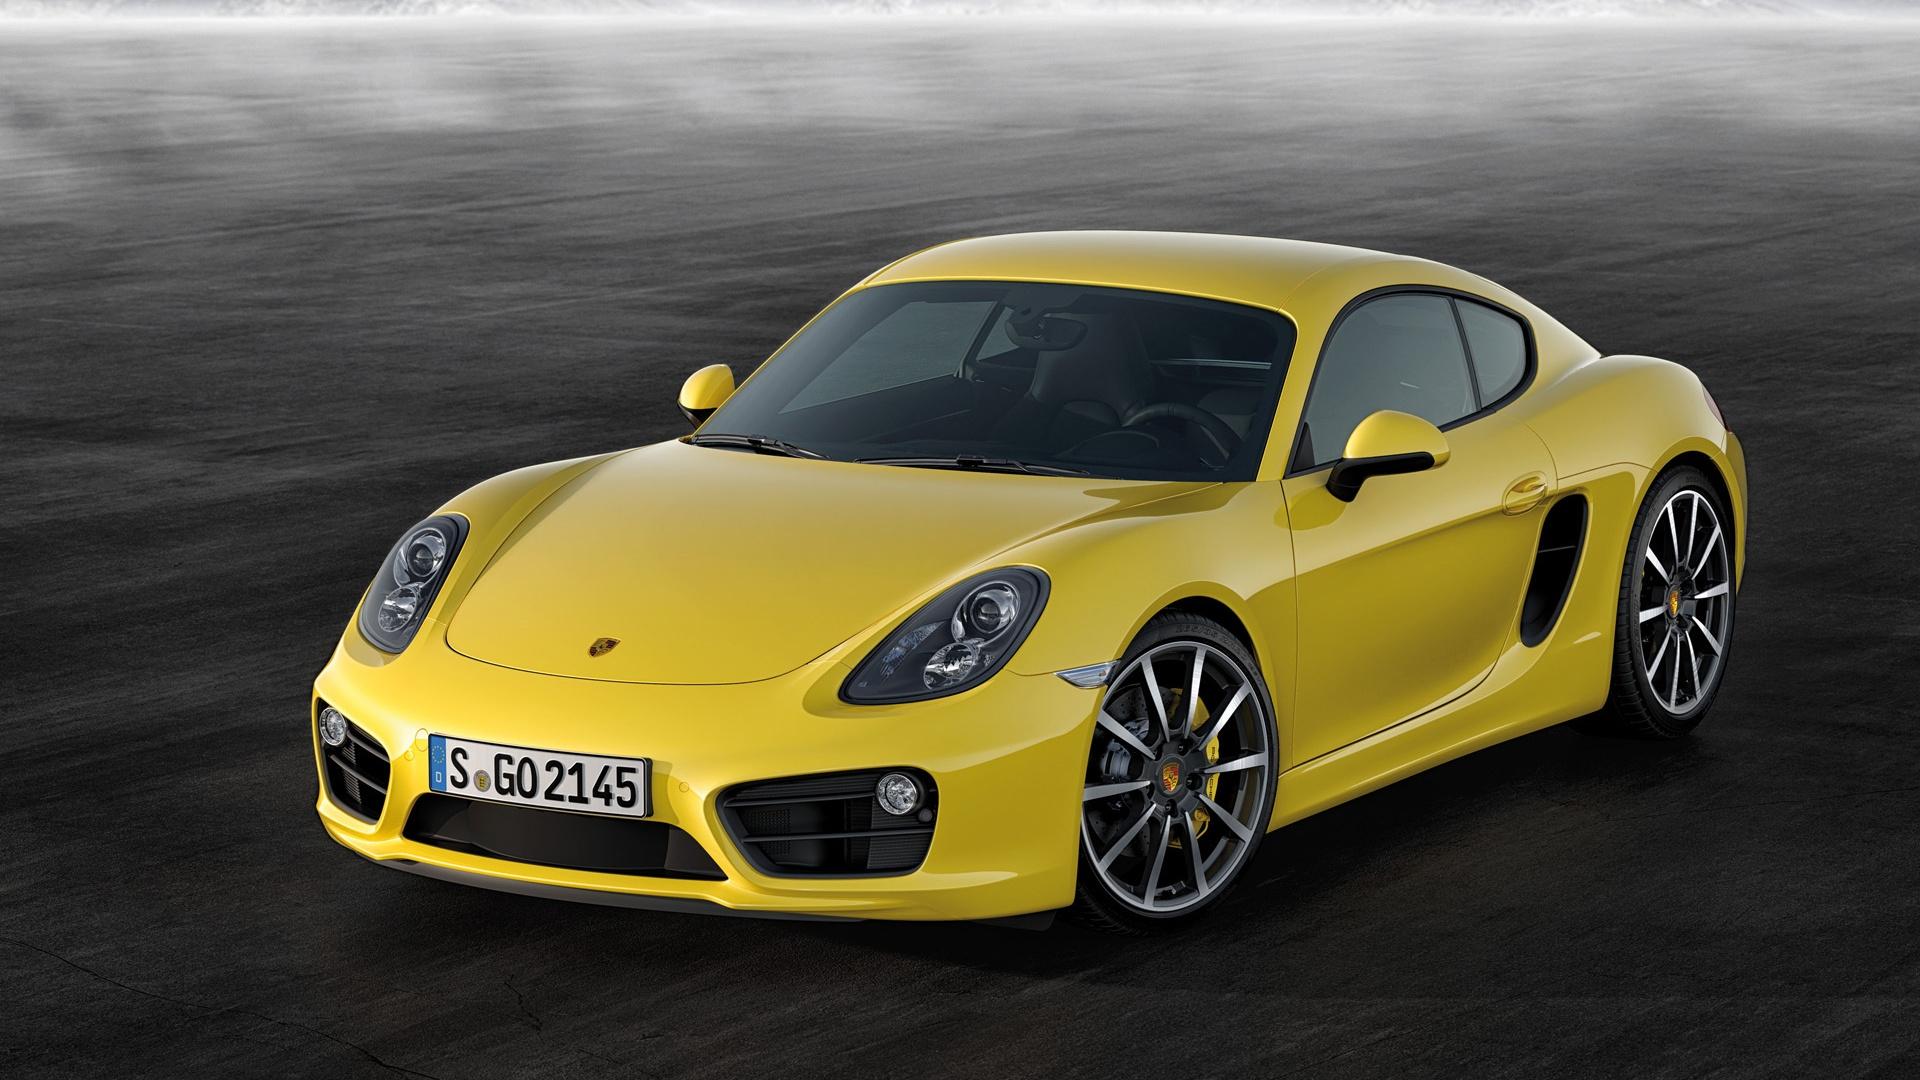 Yellow Porsche Cayman Full HD Desktop Wallpapers 1080p 1920x1080